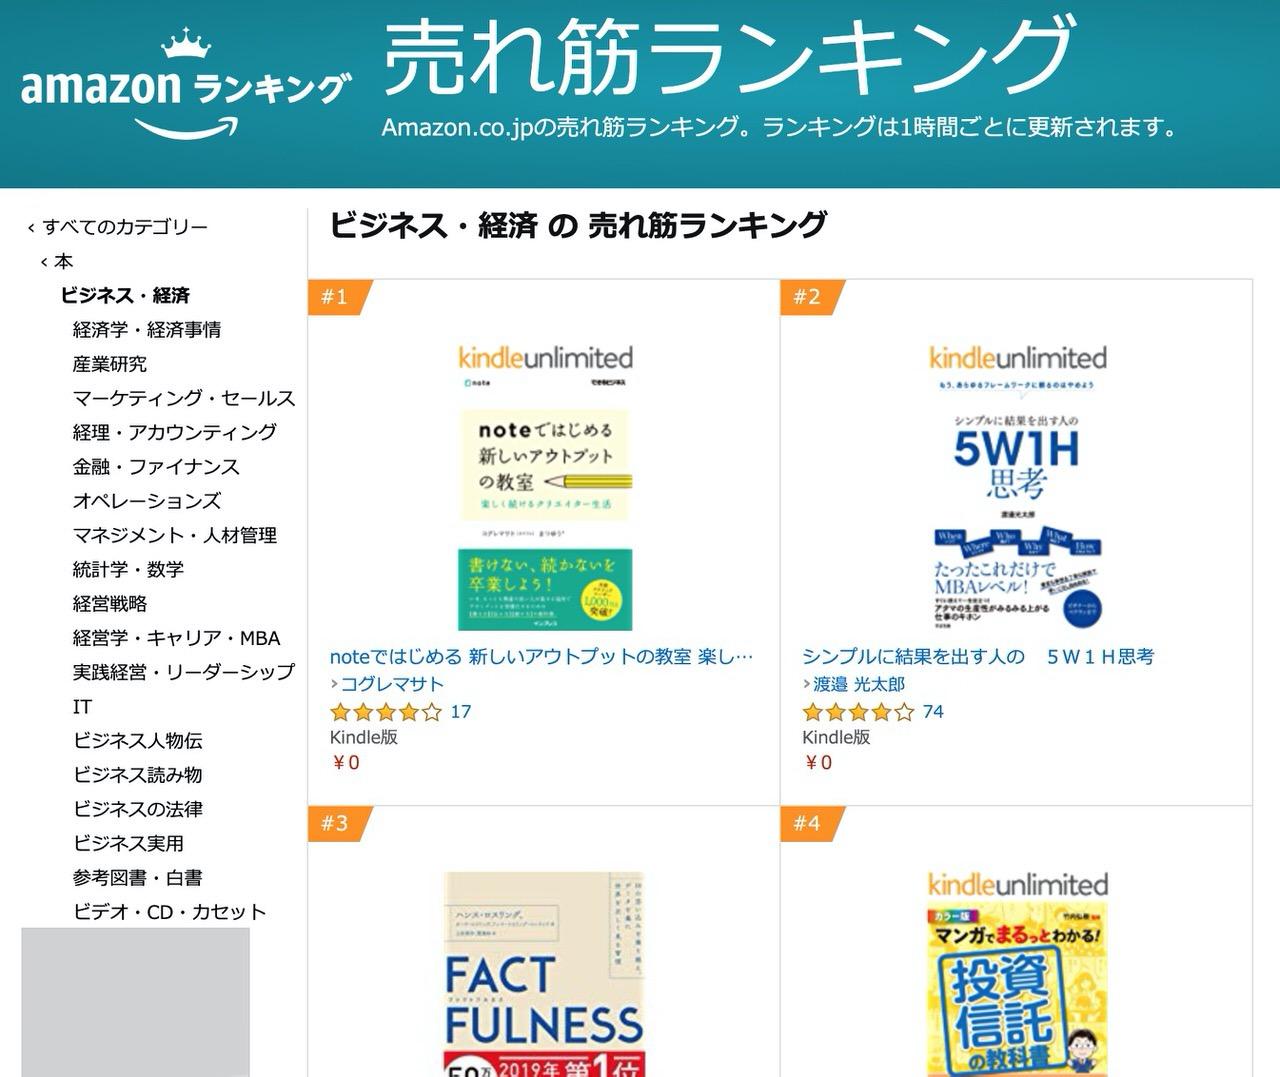 「noteではじめる 新しいアウトプットの教室」ビジネス・経済でランキング1位&Kindleストア有料ランキングで11位に!